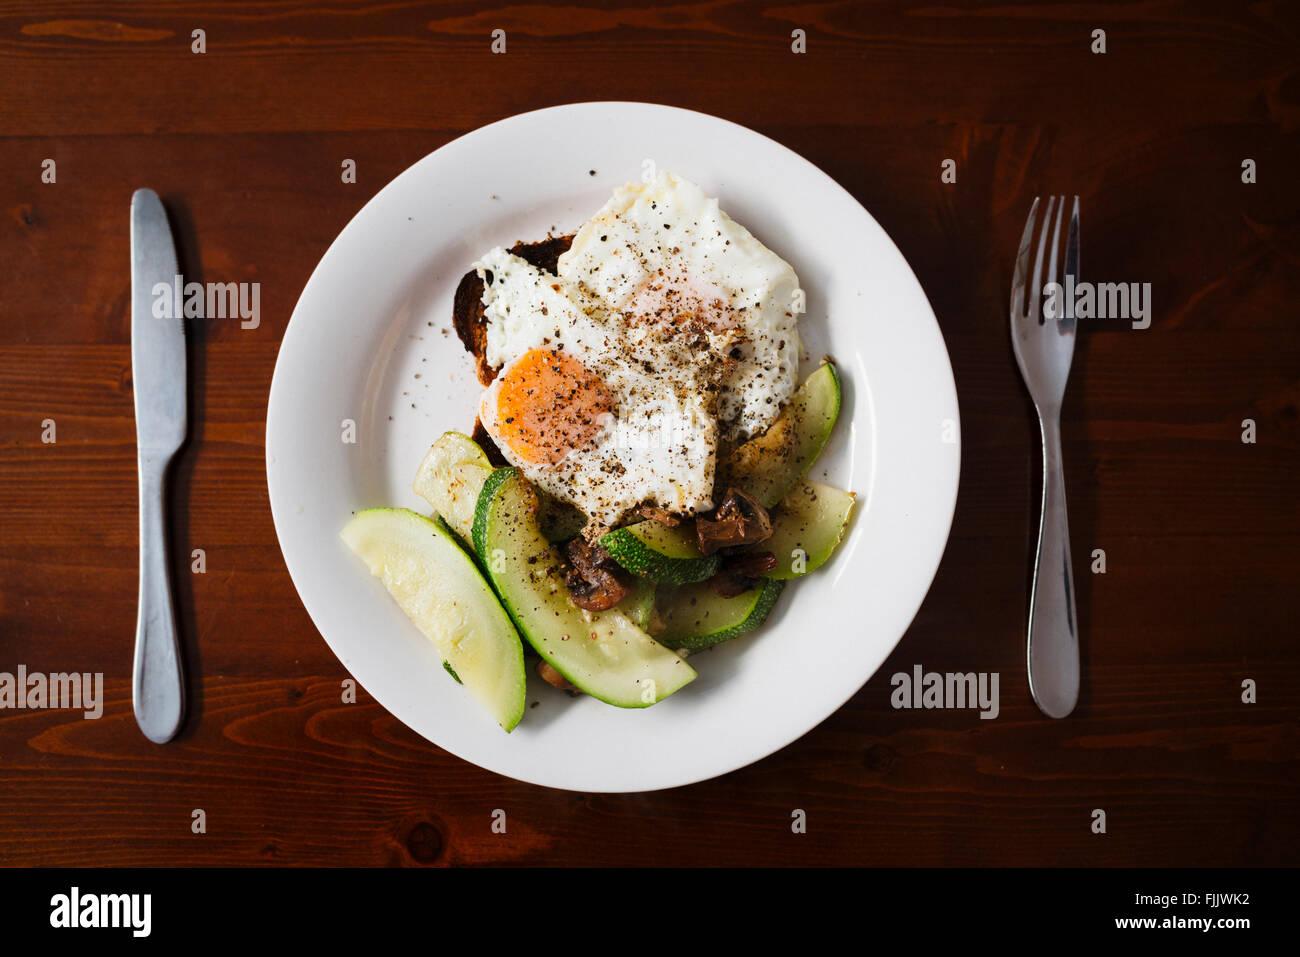 Desayuno saludable Imagen De Stock